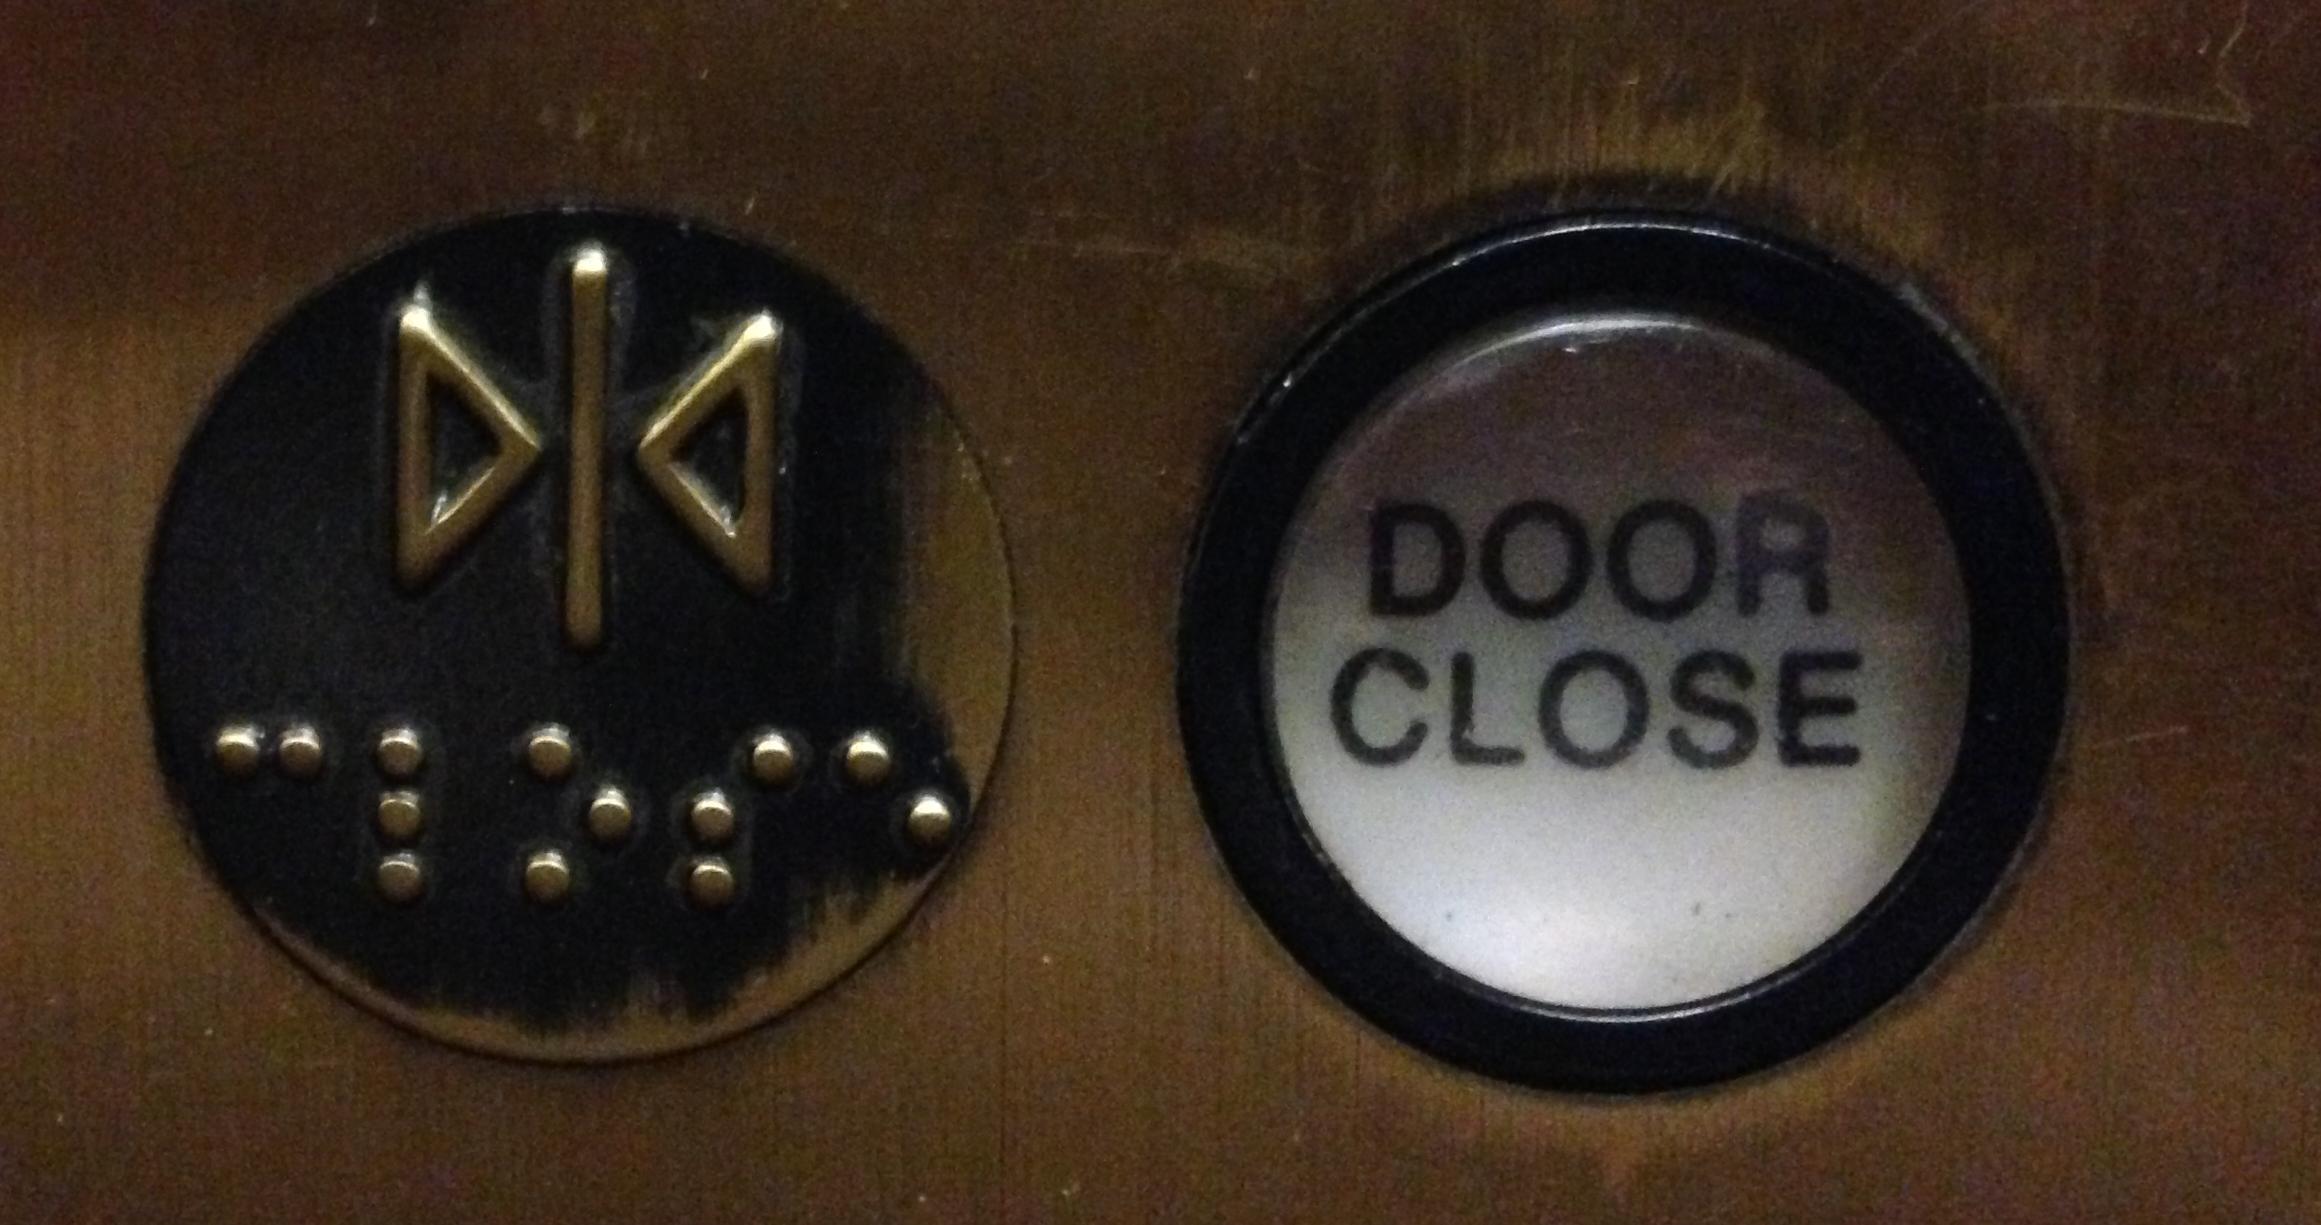 Fedex Elevator Accident Case Continues Pospis Law Pllc